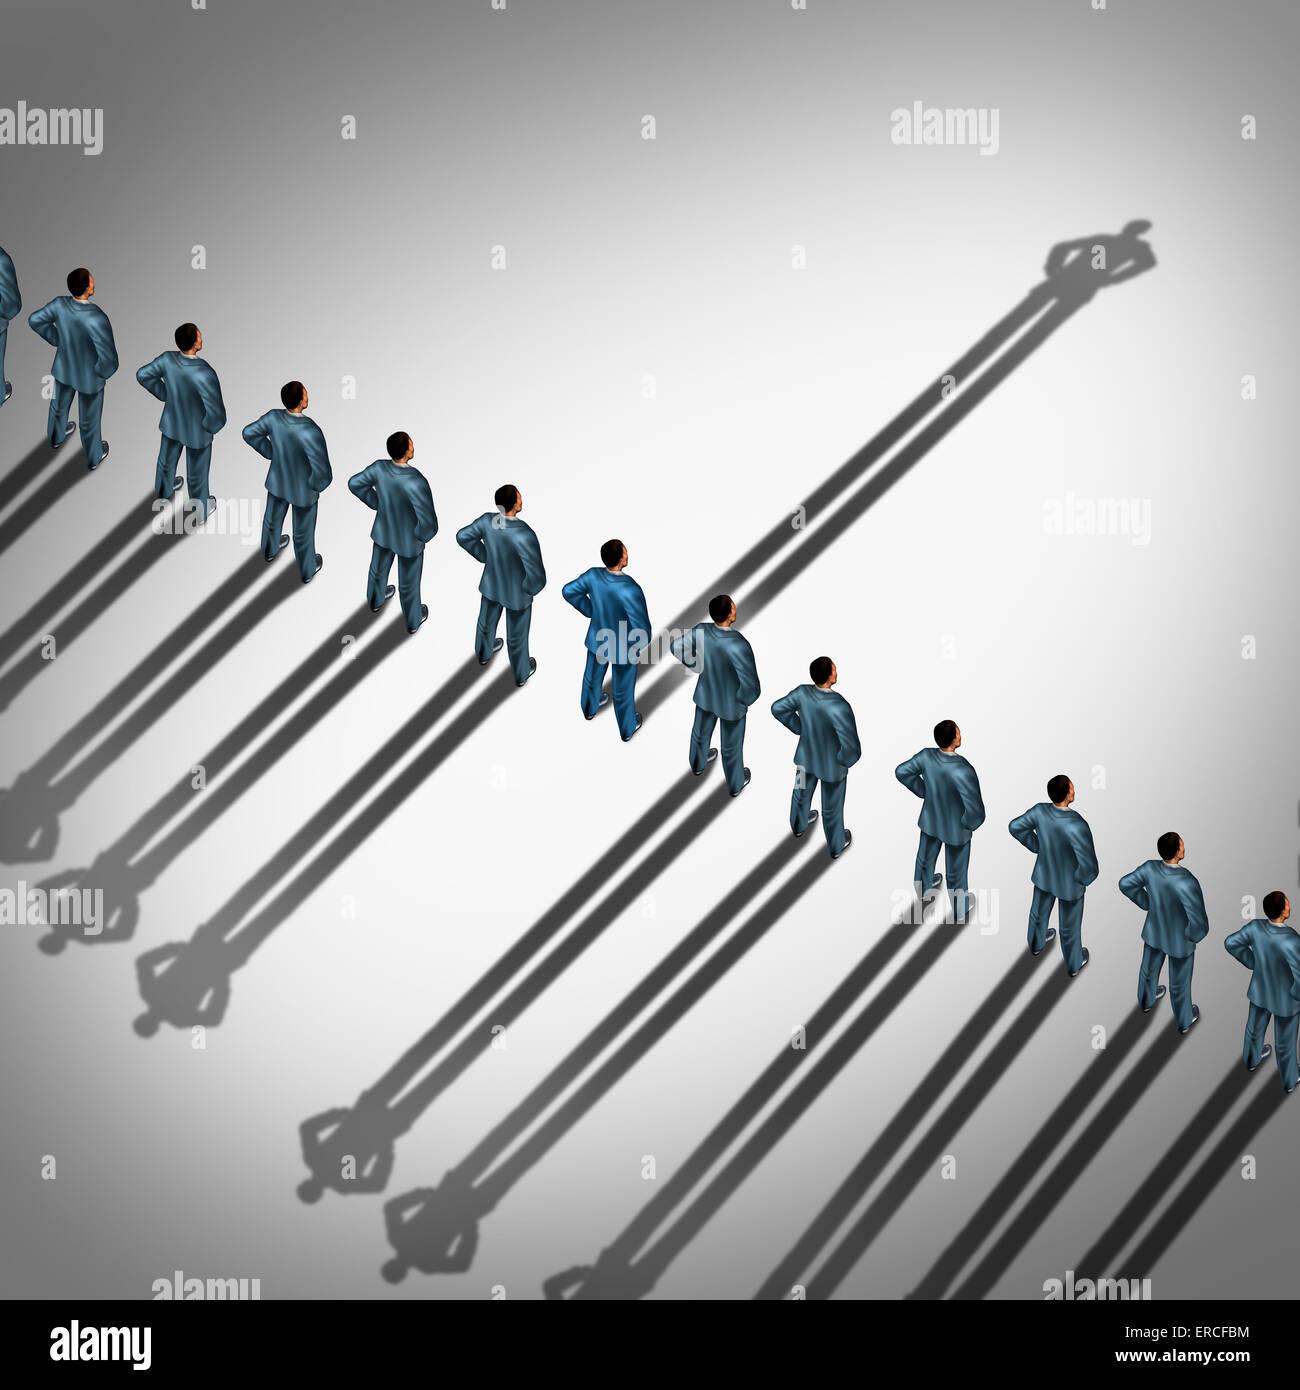 La pensée d'affaires différents et penseur indépendant et nouveau concept concept de leadership Photo Stock